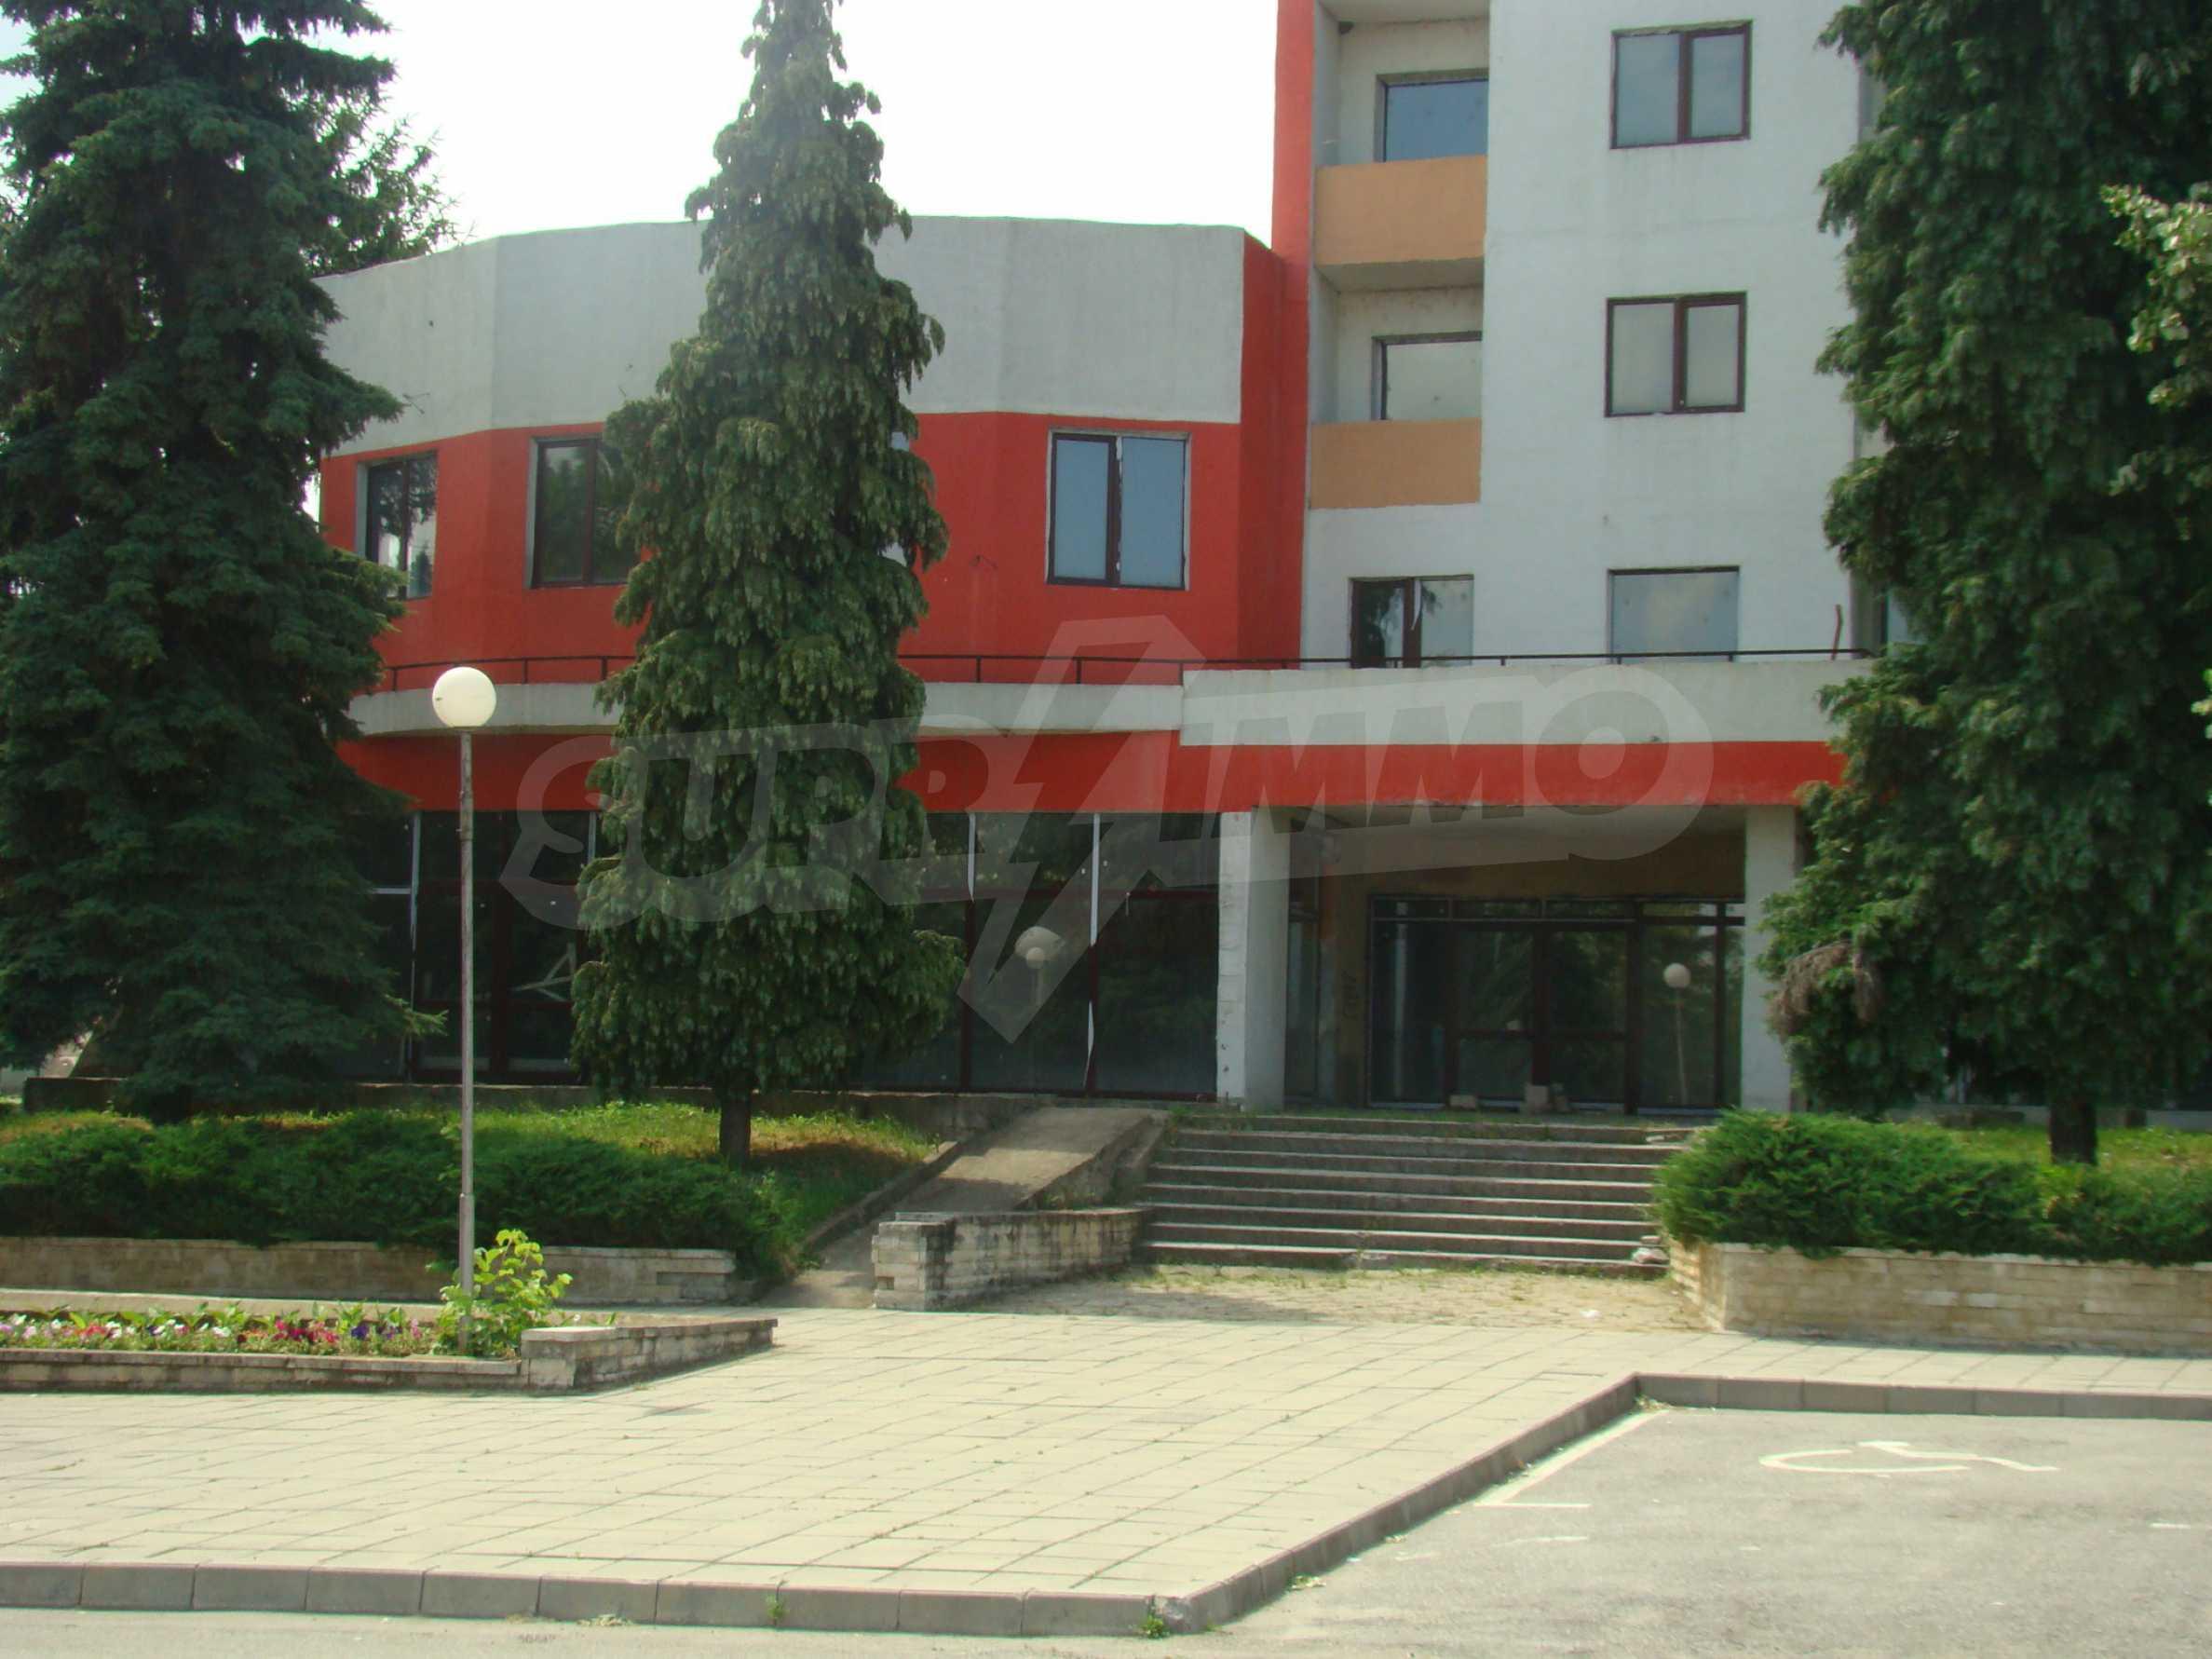 Сграда за инвестиция в центъра на град Кула 1